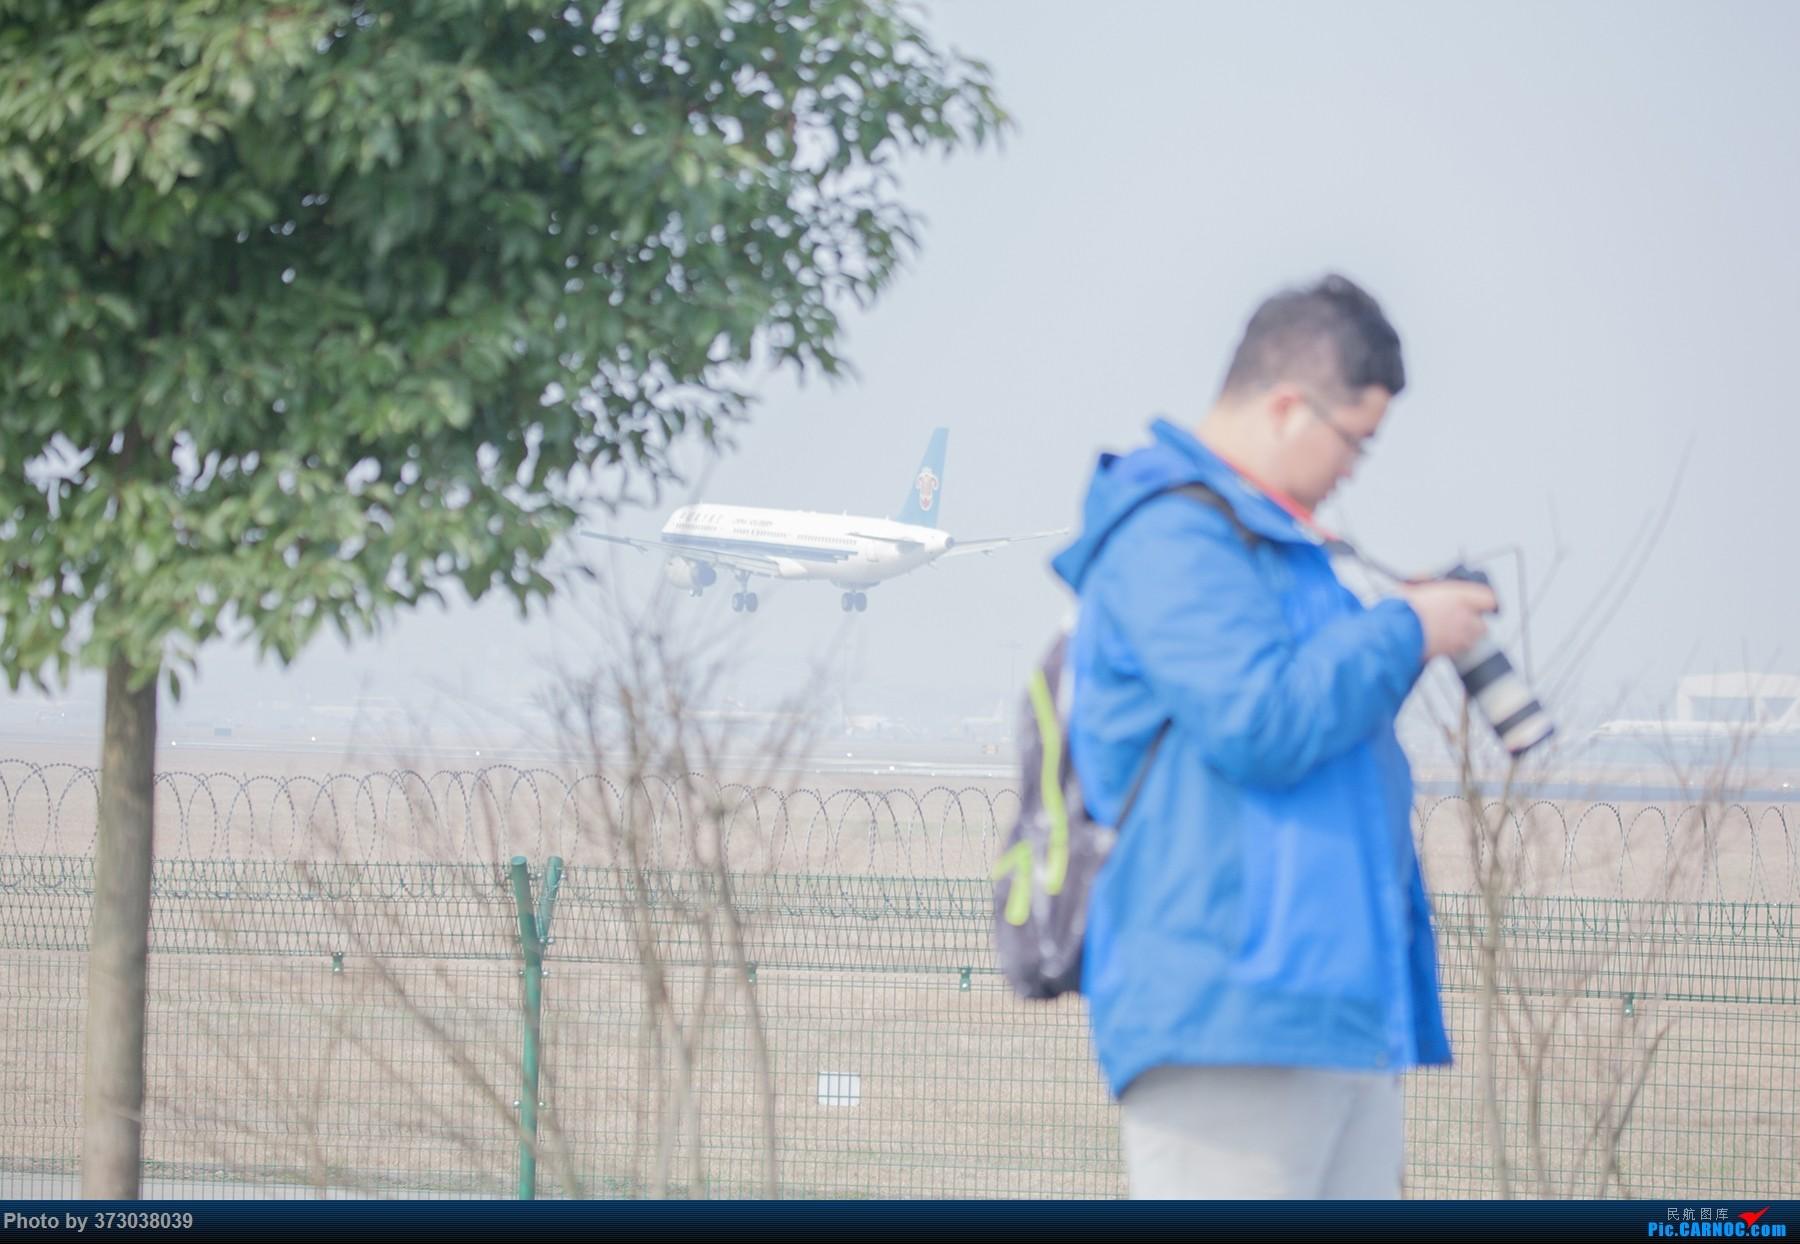 Re:[原创]【杭州飞友会】A320Neo迪士尼杭州萧山机场拍机班门弄斧记 AIRBUS A321-200 B-6353 中国杭州萧山国际机场  飞友